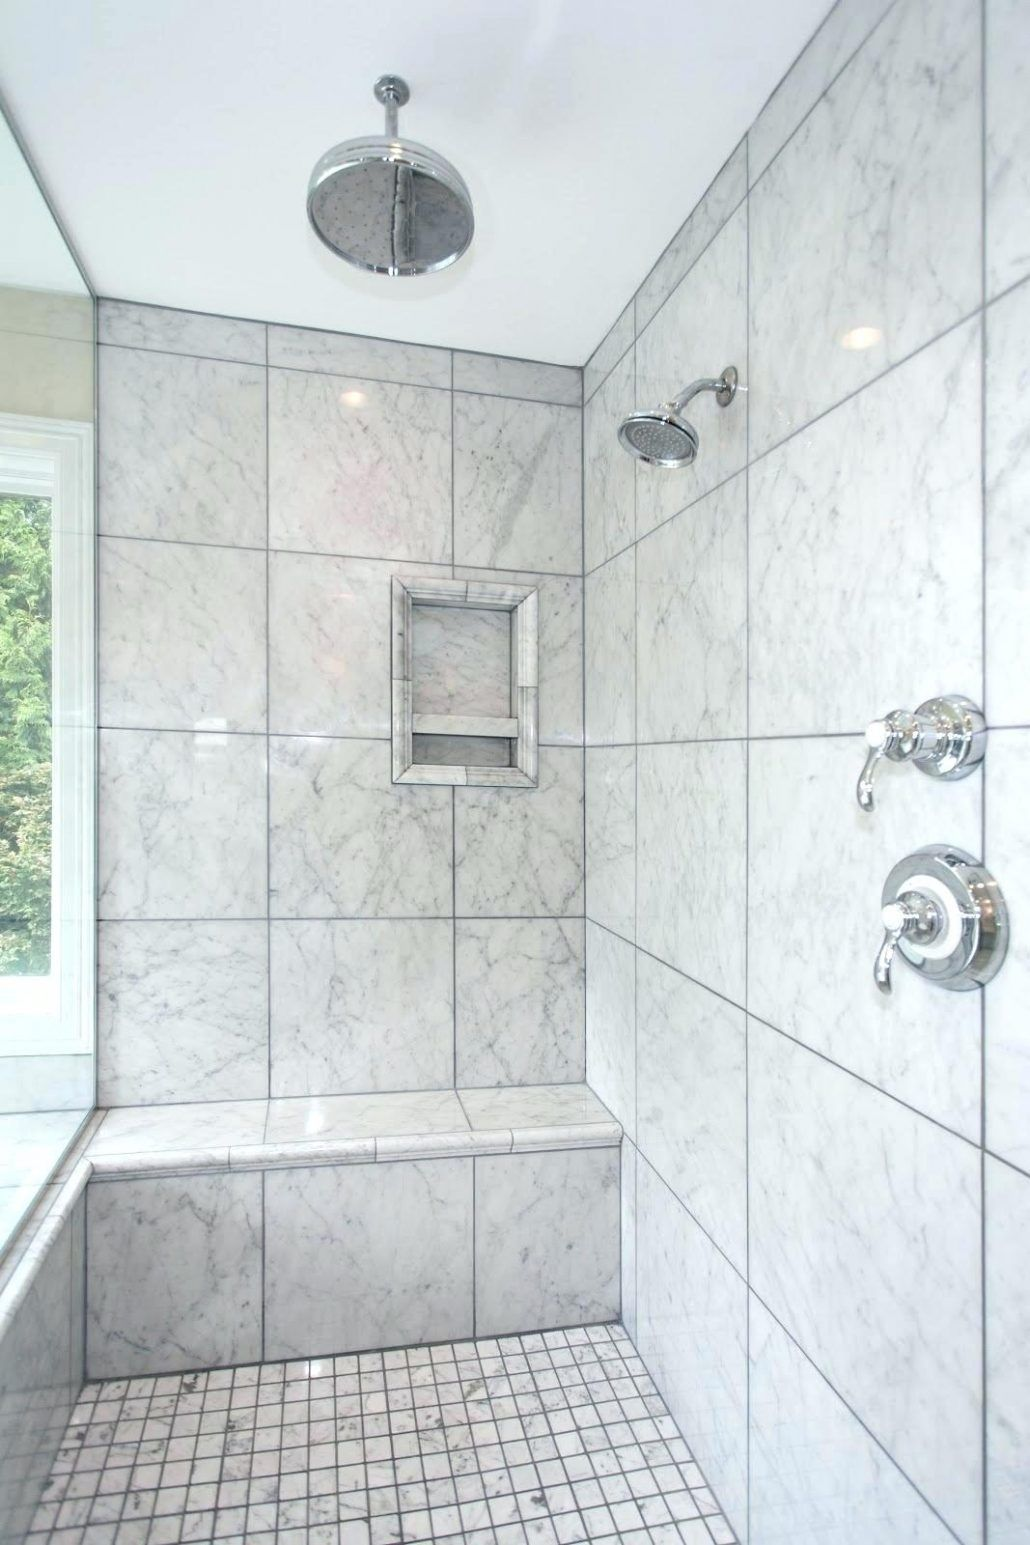 Kohler Ceiling Tile Shower Head | http://creativechairsandtables.com ...